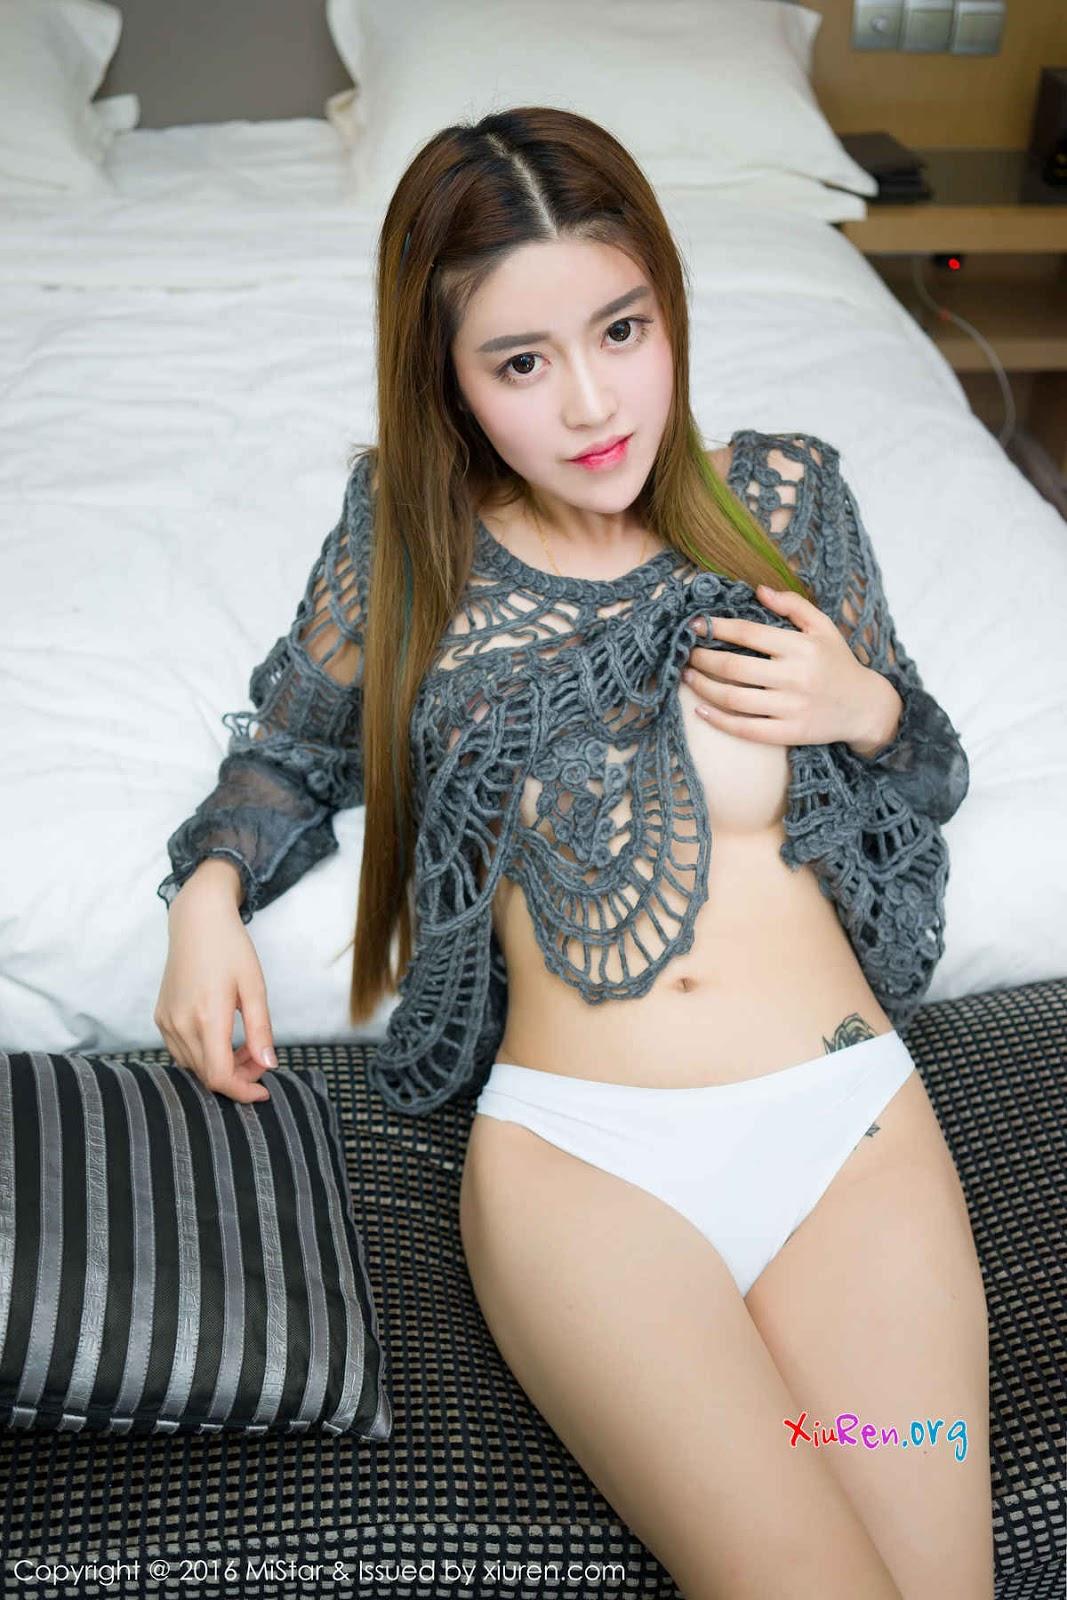 https://4.bp.blogspot.com/-QAYD_3GFKbc/WHrz00esdhI/AAAAAAAAO08/pRyuduIbr_c5cqrB4U-EFIXEEeKTBzphACLcB/s1600/xinh-sexy-13.jpg